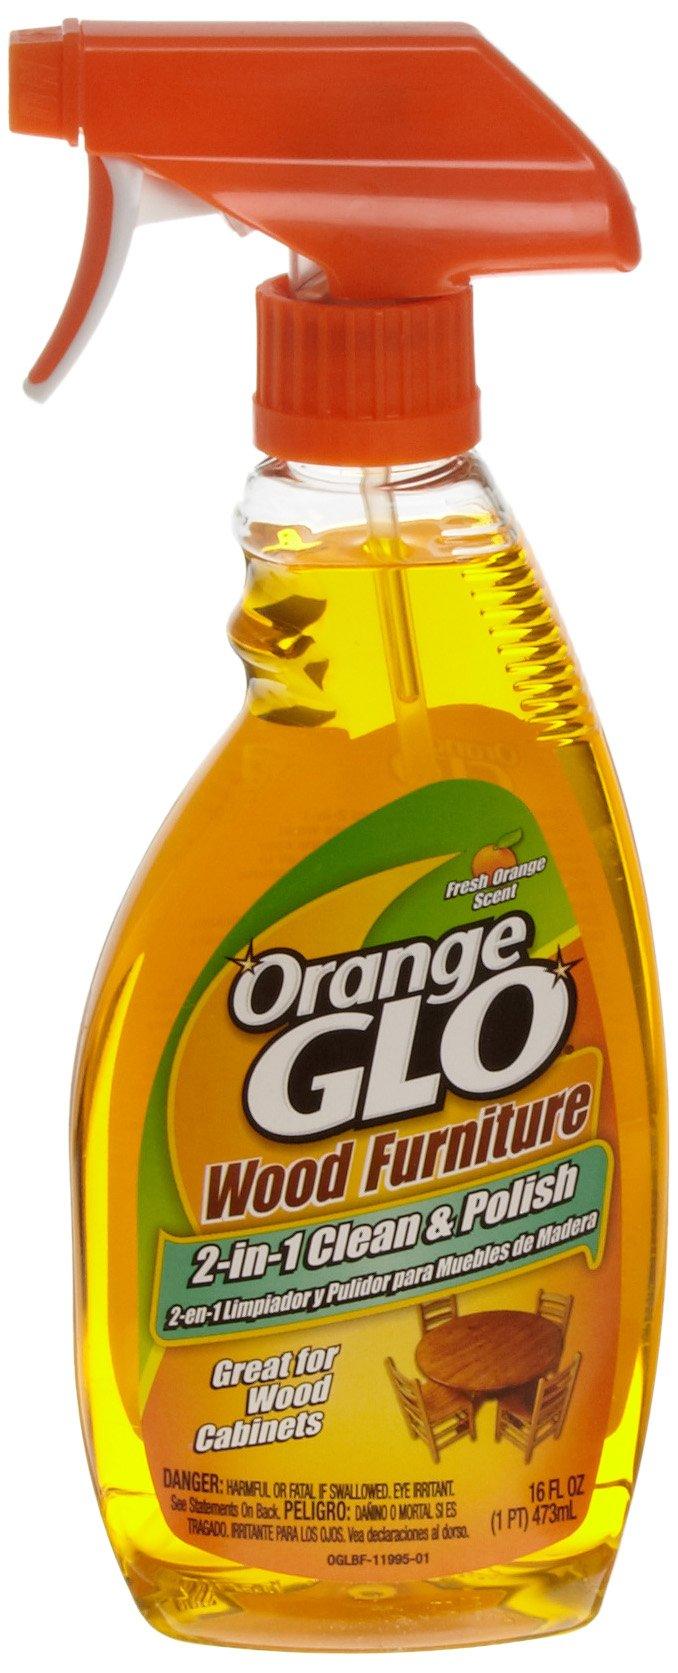 Orange Glo 57037-11897 16-Ounce Wood Furniture Polish (Case of 6) by Orange Glo